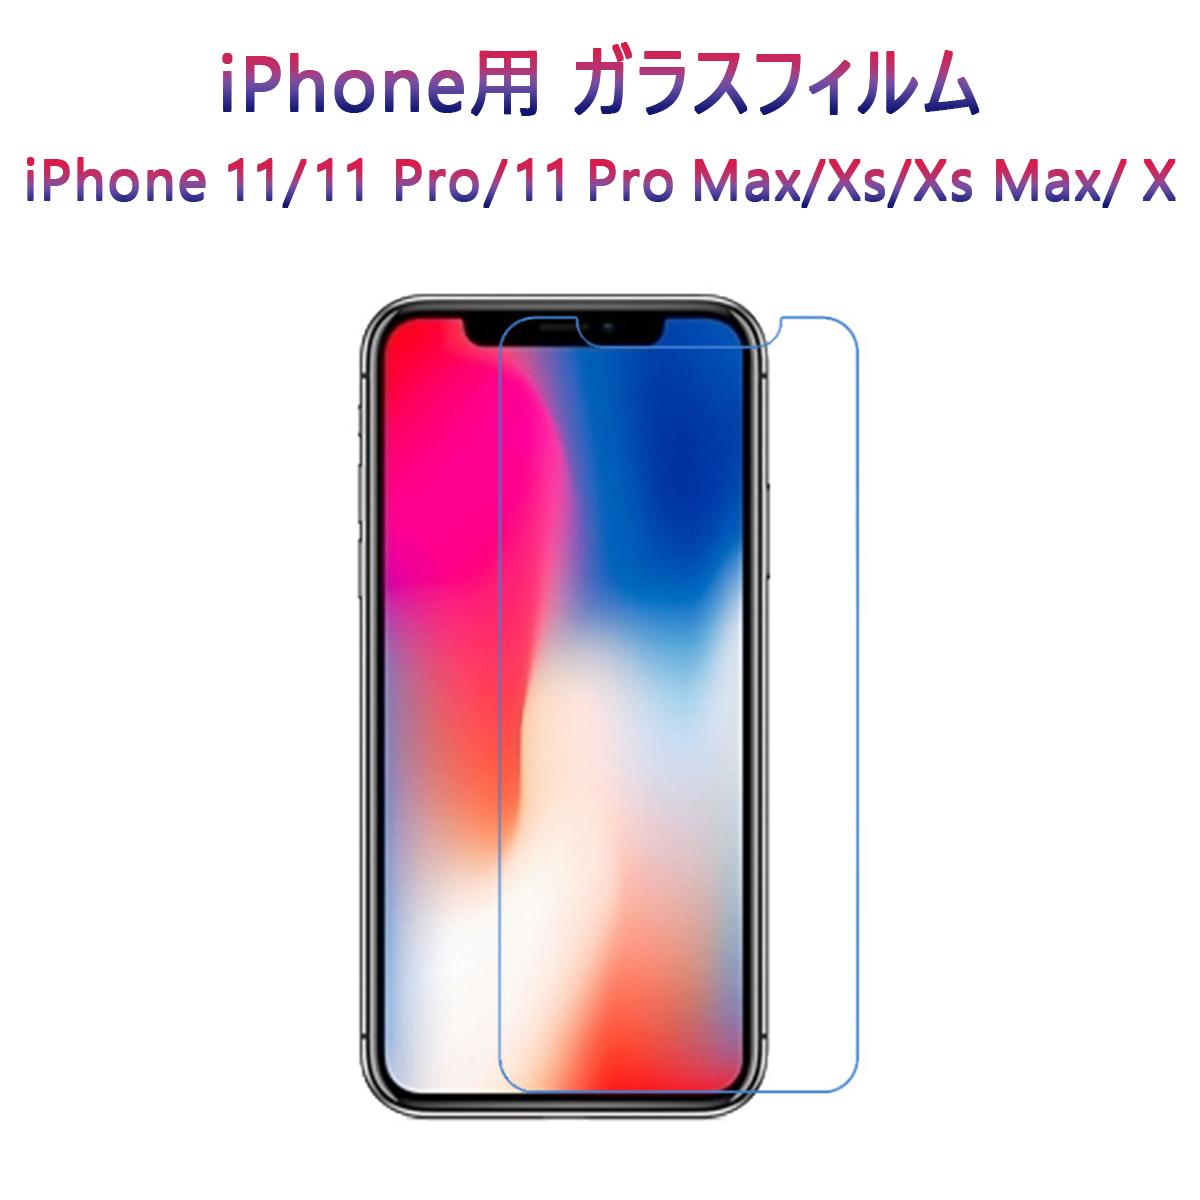 ガラスフィルム 2枚セット iPhone 12 12mini 12 Pro 12 Pro Max 11 11 Pro 11 Pro Max XS XS MAX X XR 8 7 Plus SE第2世代 強化ガラス 3D Touch対応 透過率99% 硬度9H 極薄 指紋防止 防汚れ 耐衝撃 飛散防止 保護フィルム SDM便送料無料 1ヶ月保証